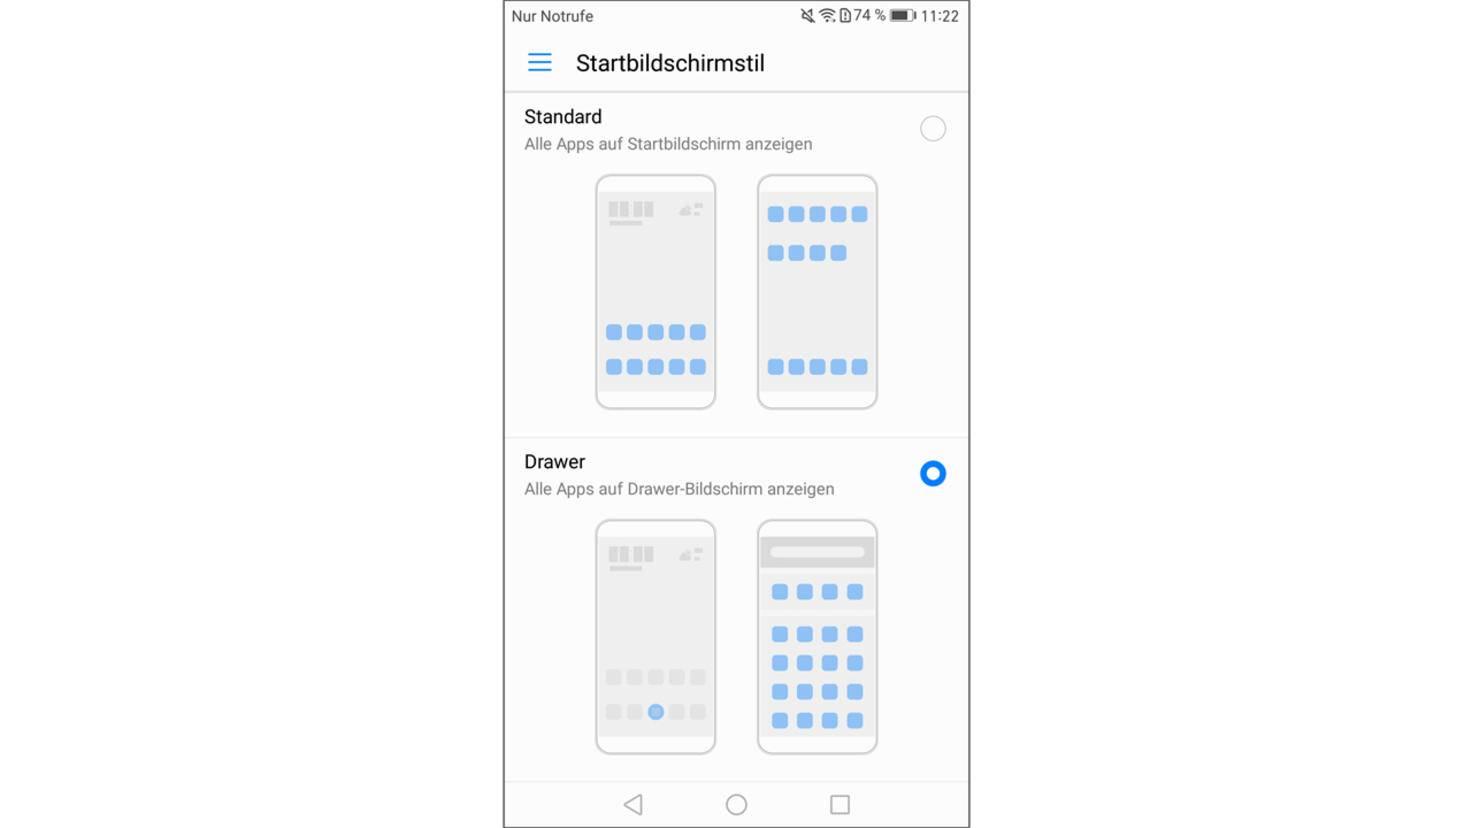 Huawei Mate 9 Screenshot 22